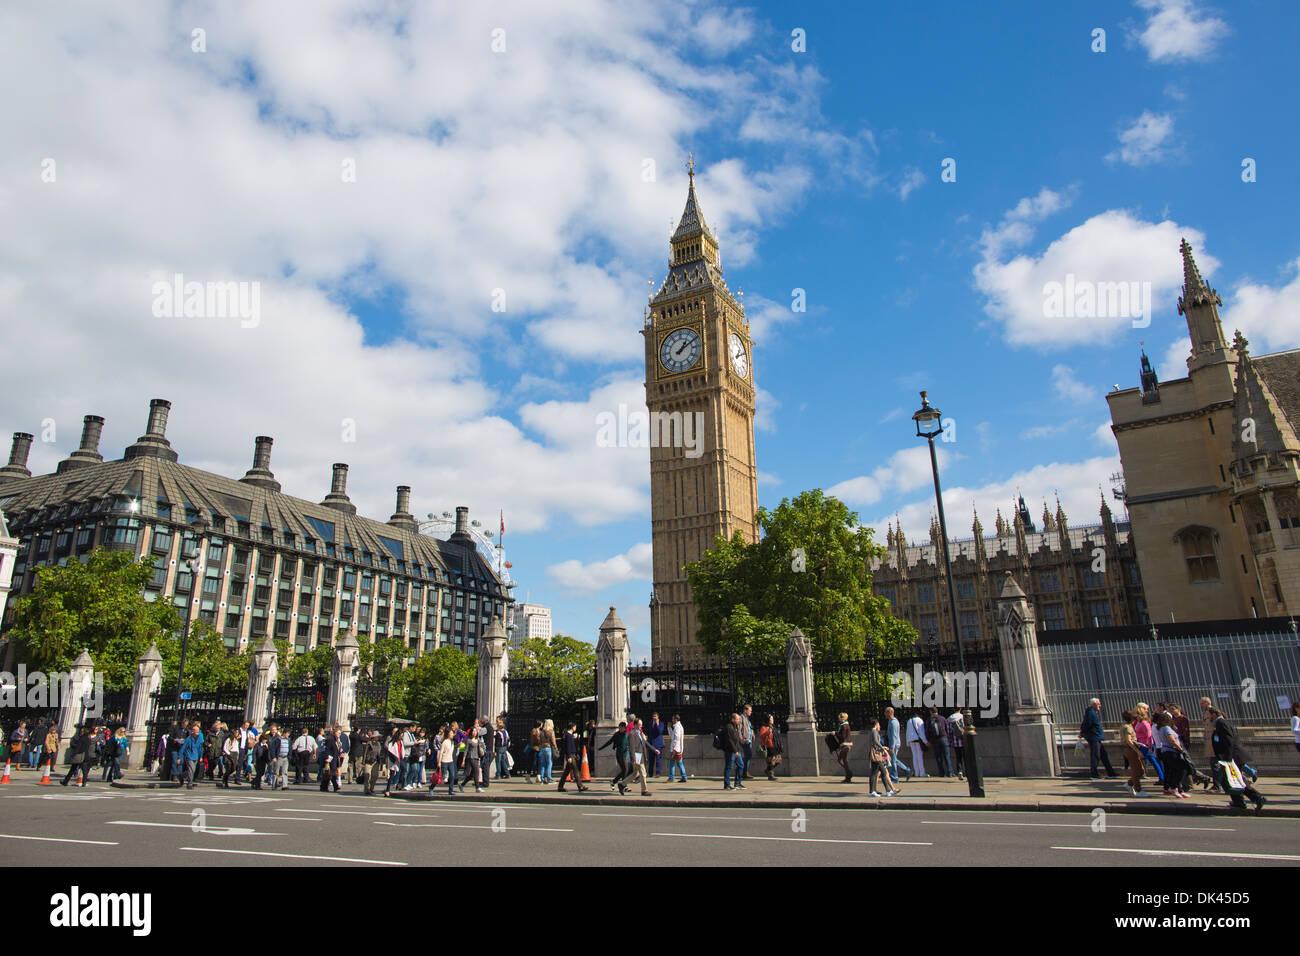 La piazza del Parlamento, il centro di Londra con Portcullis House (sinistra) e Big Ben (centrale), London, Regno Unito Foto Stock